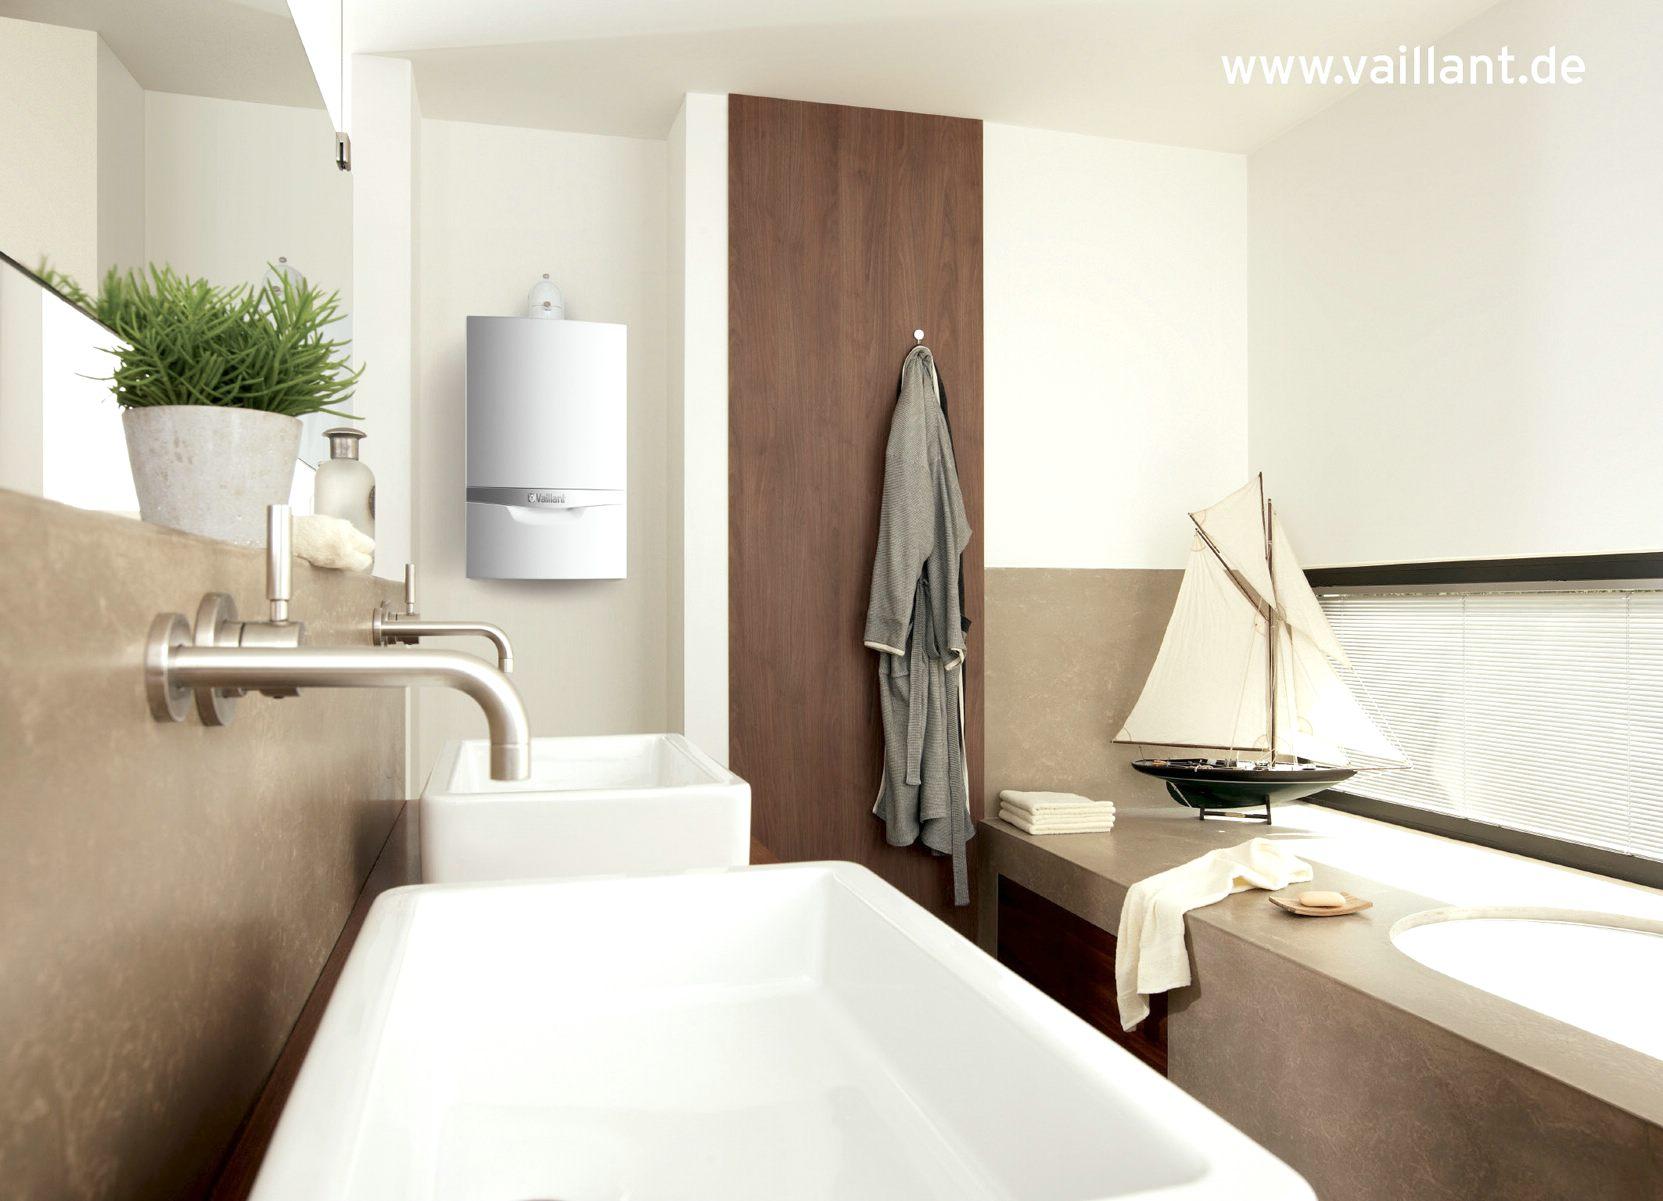 heizung sanit r erneuerbare energien geerts schleswig. Black Bedroom Furniture Sets. Home Design Ideas